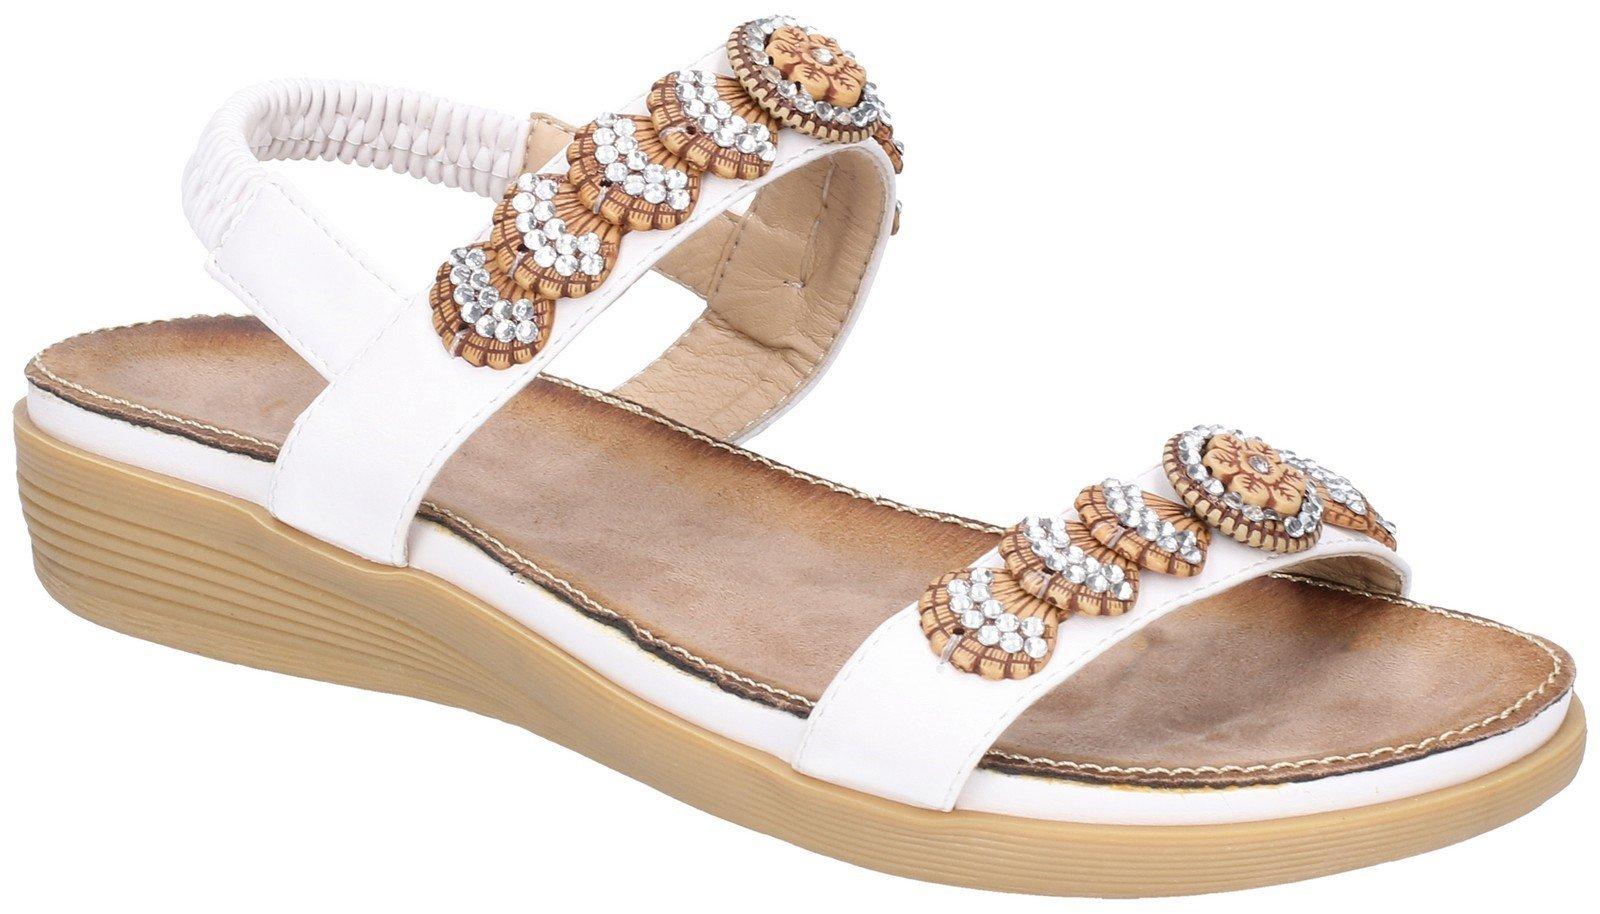 Fleet & Foster Women's Java Elasticated Sandal Various Colours 28280 - White 3